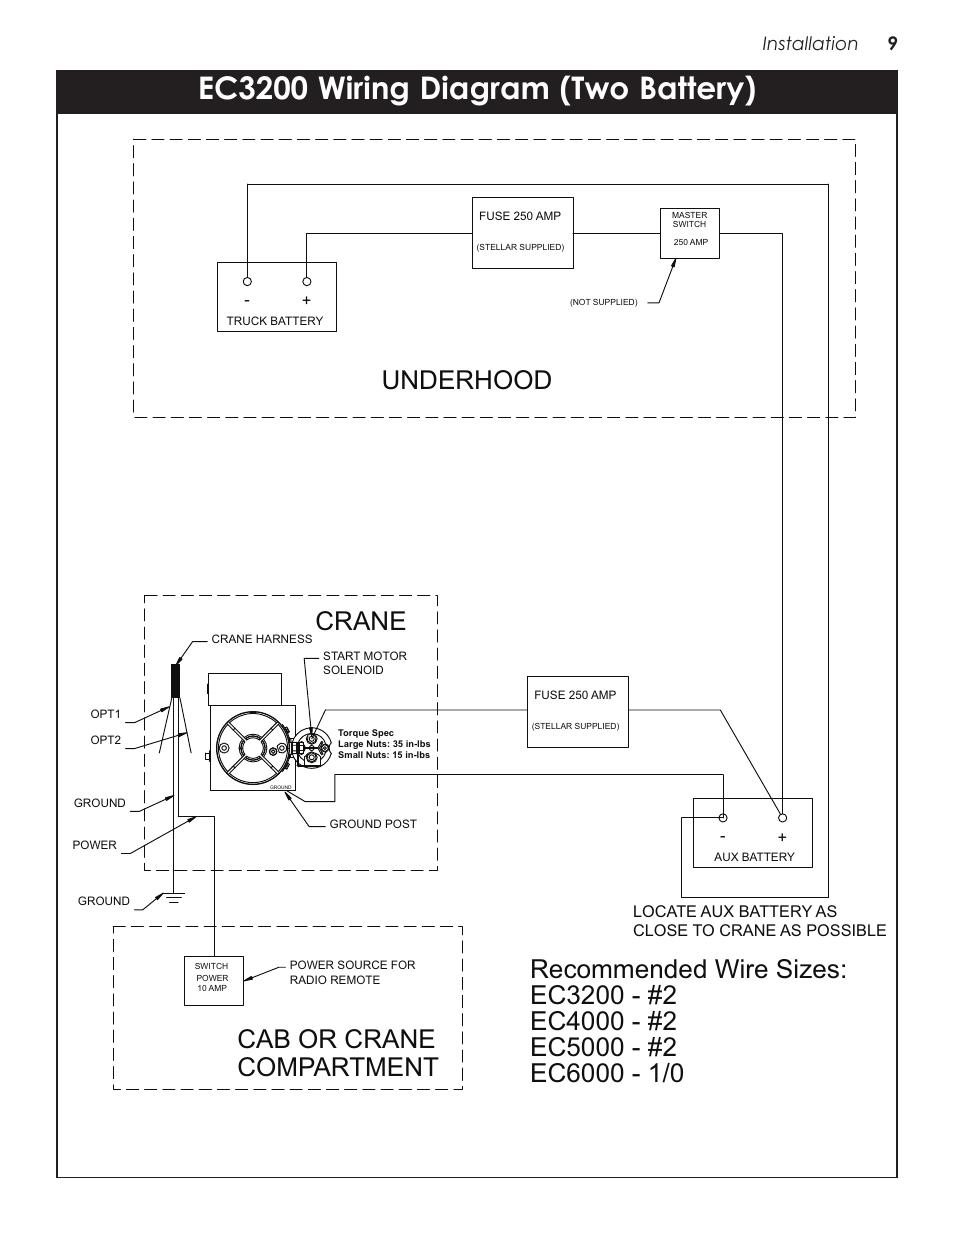 two wiring diagram fan light kit ec3200 (two battery), (one underhood | stellar ...